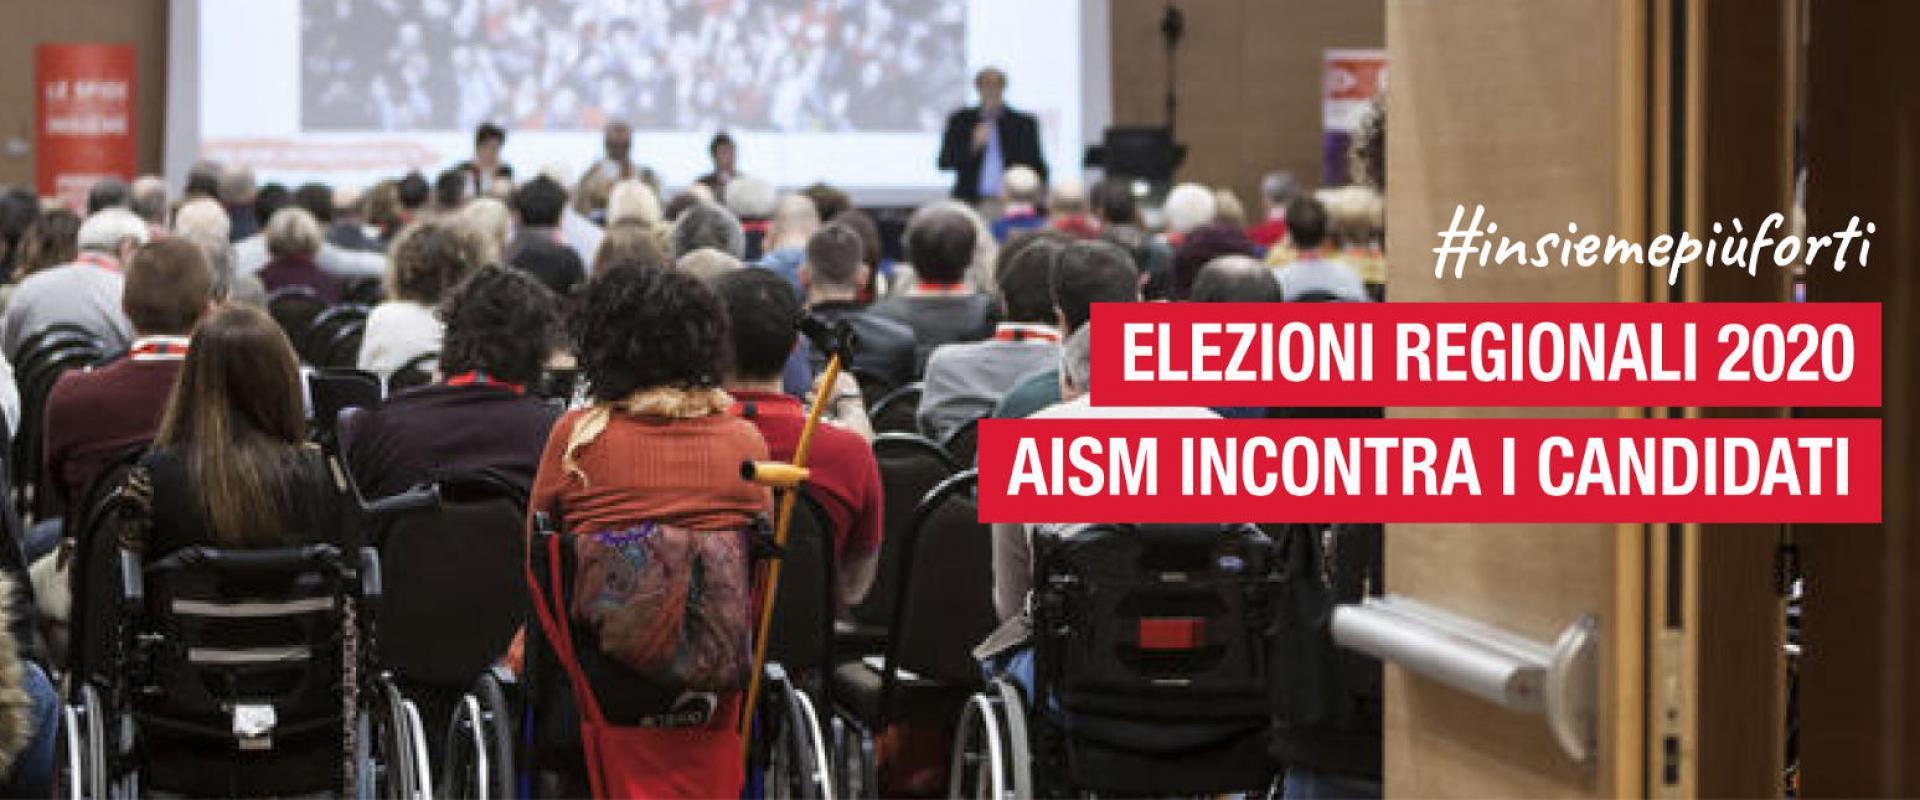 Elezioni regionali 2020. AISM incontra i candidati